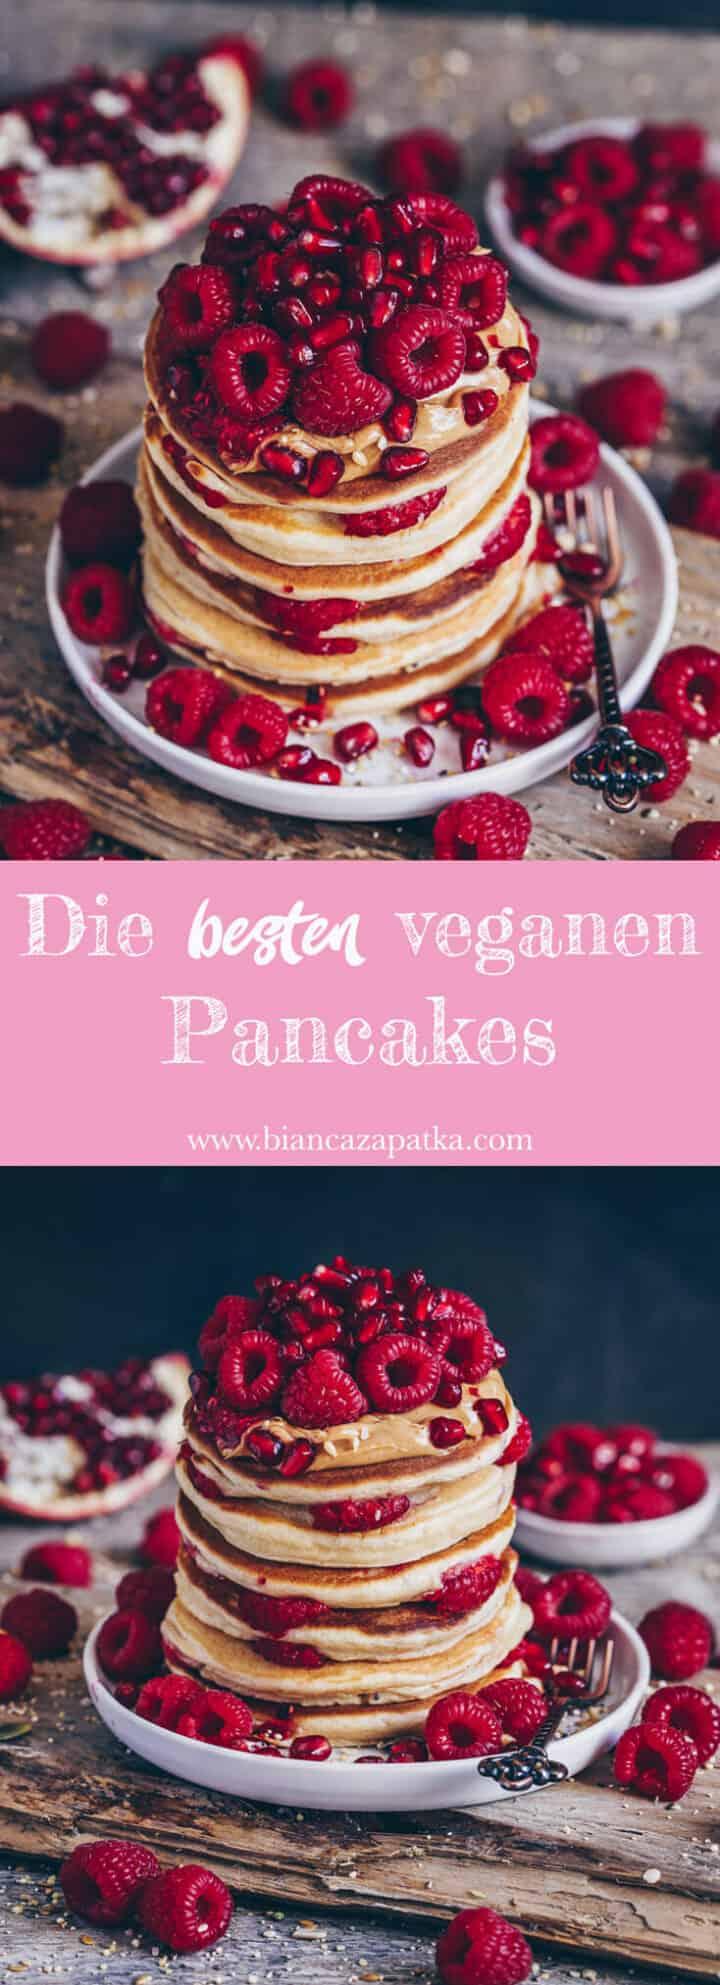 Das beste Rezept für vegane Pancakes ohne Ei! Sie sind fluffig, weich und unglaublich lecker. Außerdem sind sie einfach zuzubereiten mit wenigen Zutaten.